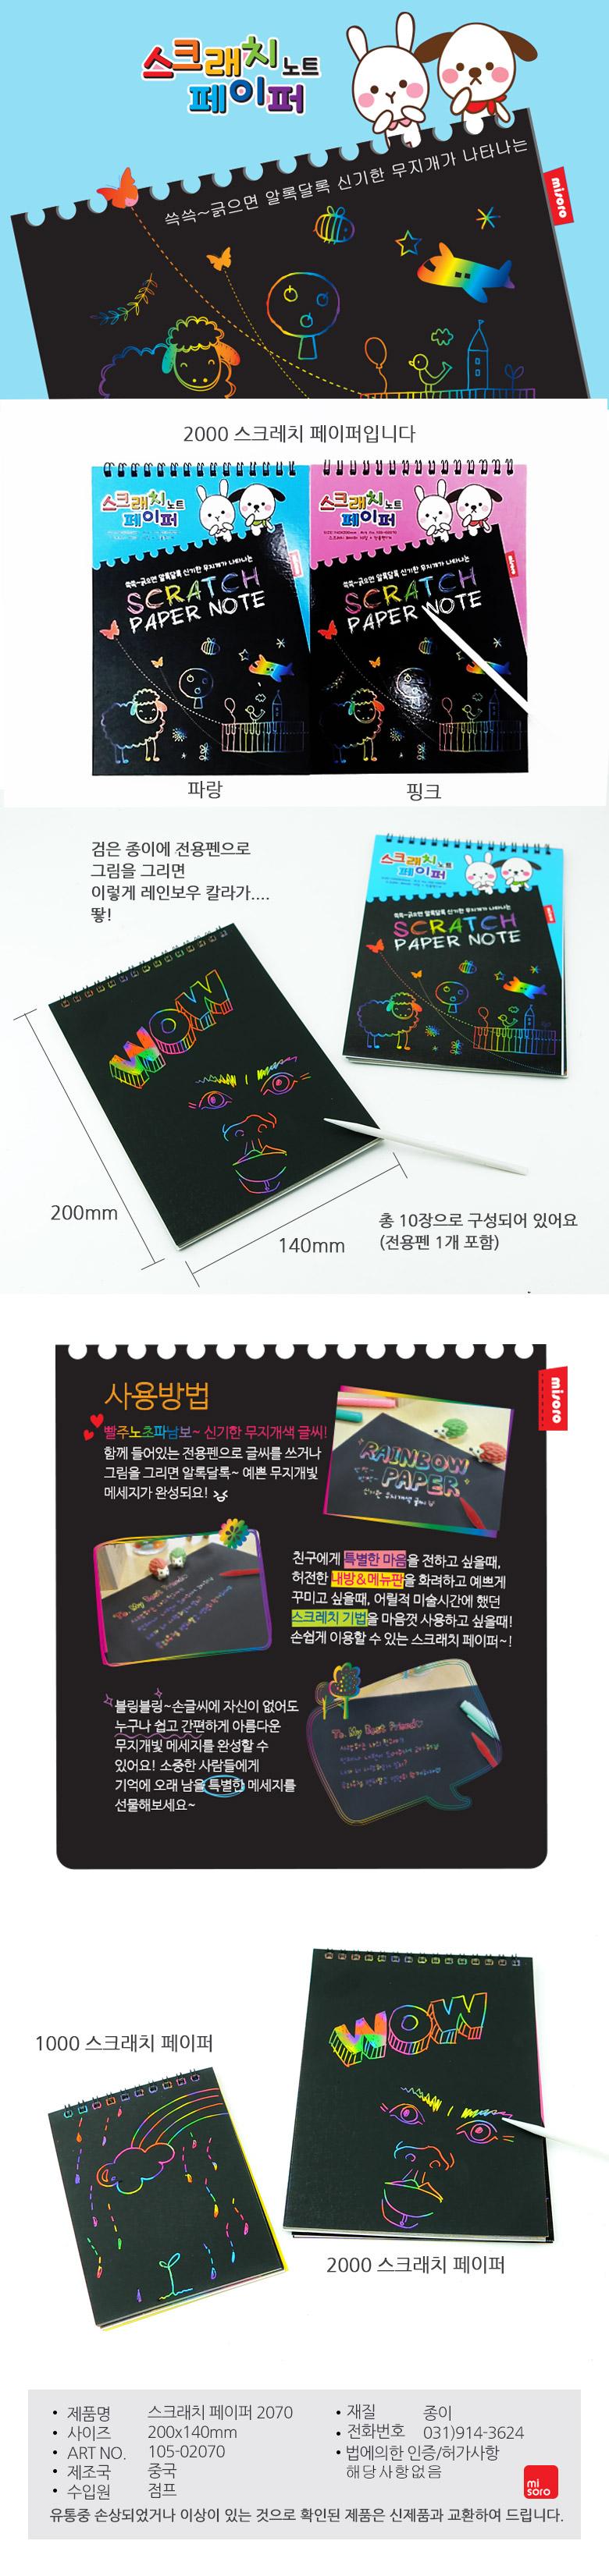 2000 스크래치페이퍼 노트 2070 - 미소로, 2,000원, 미술 놀이, 미술놀이 소품